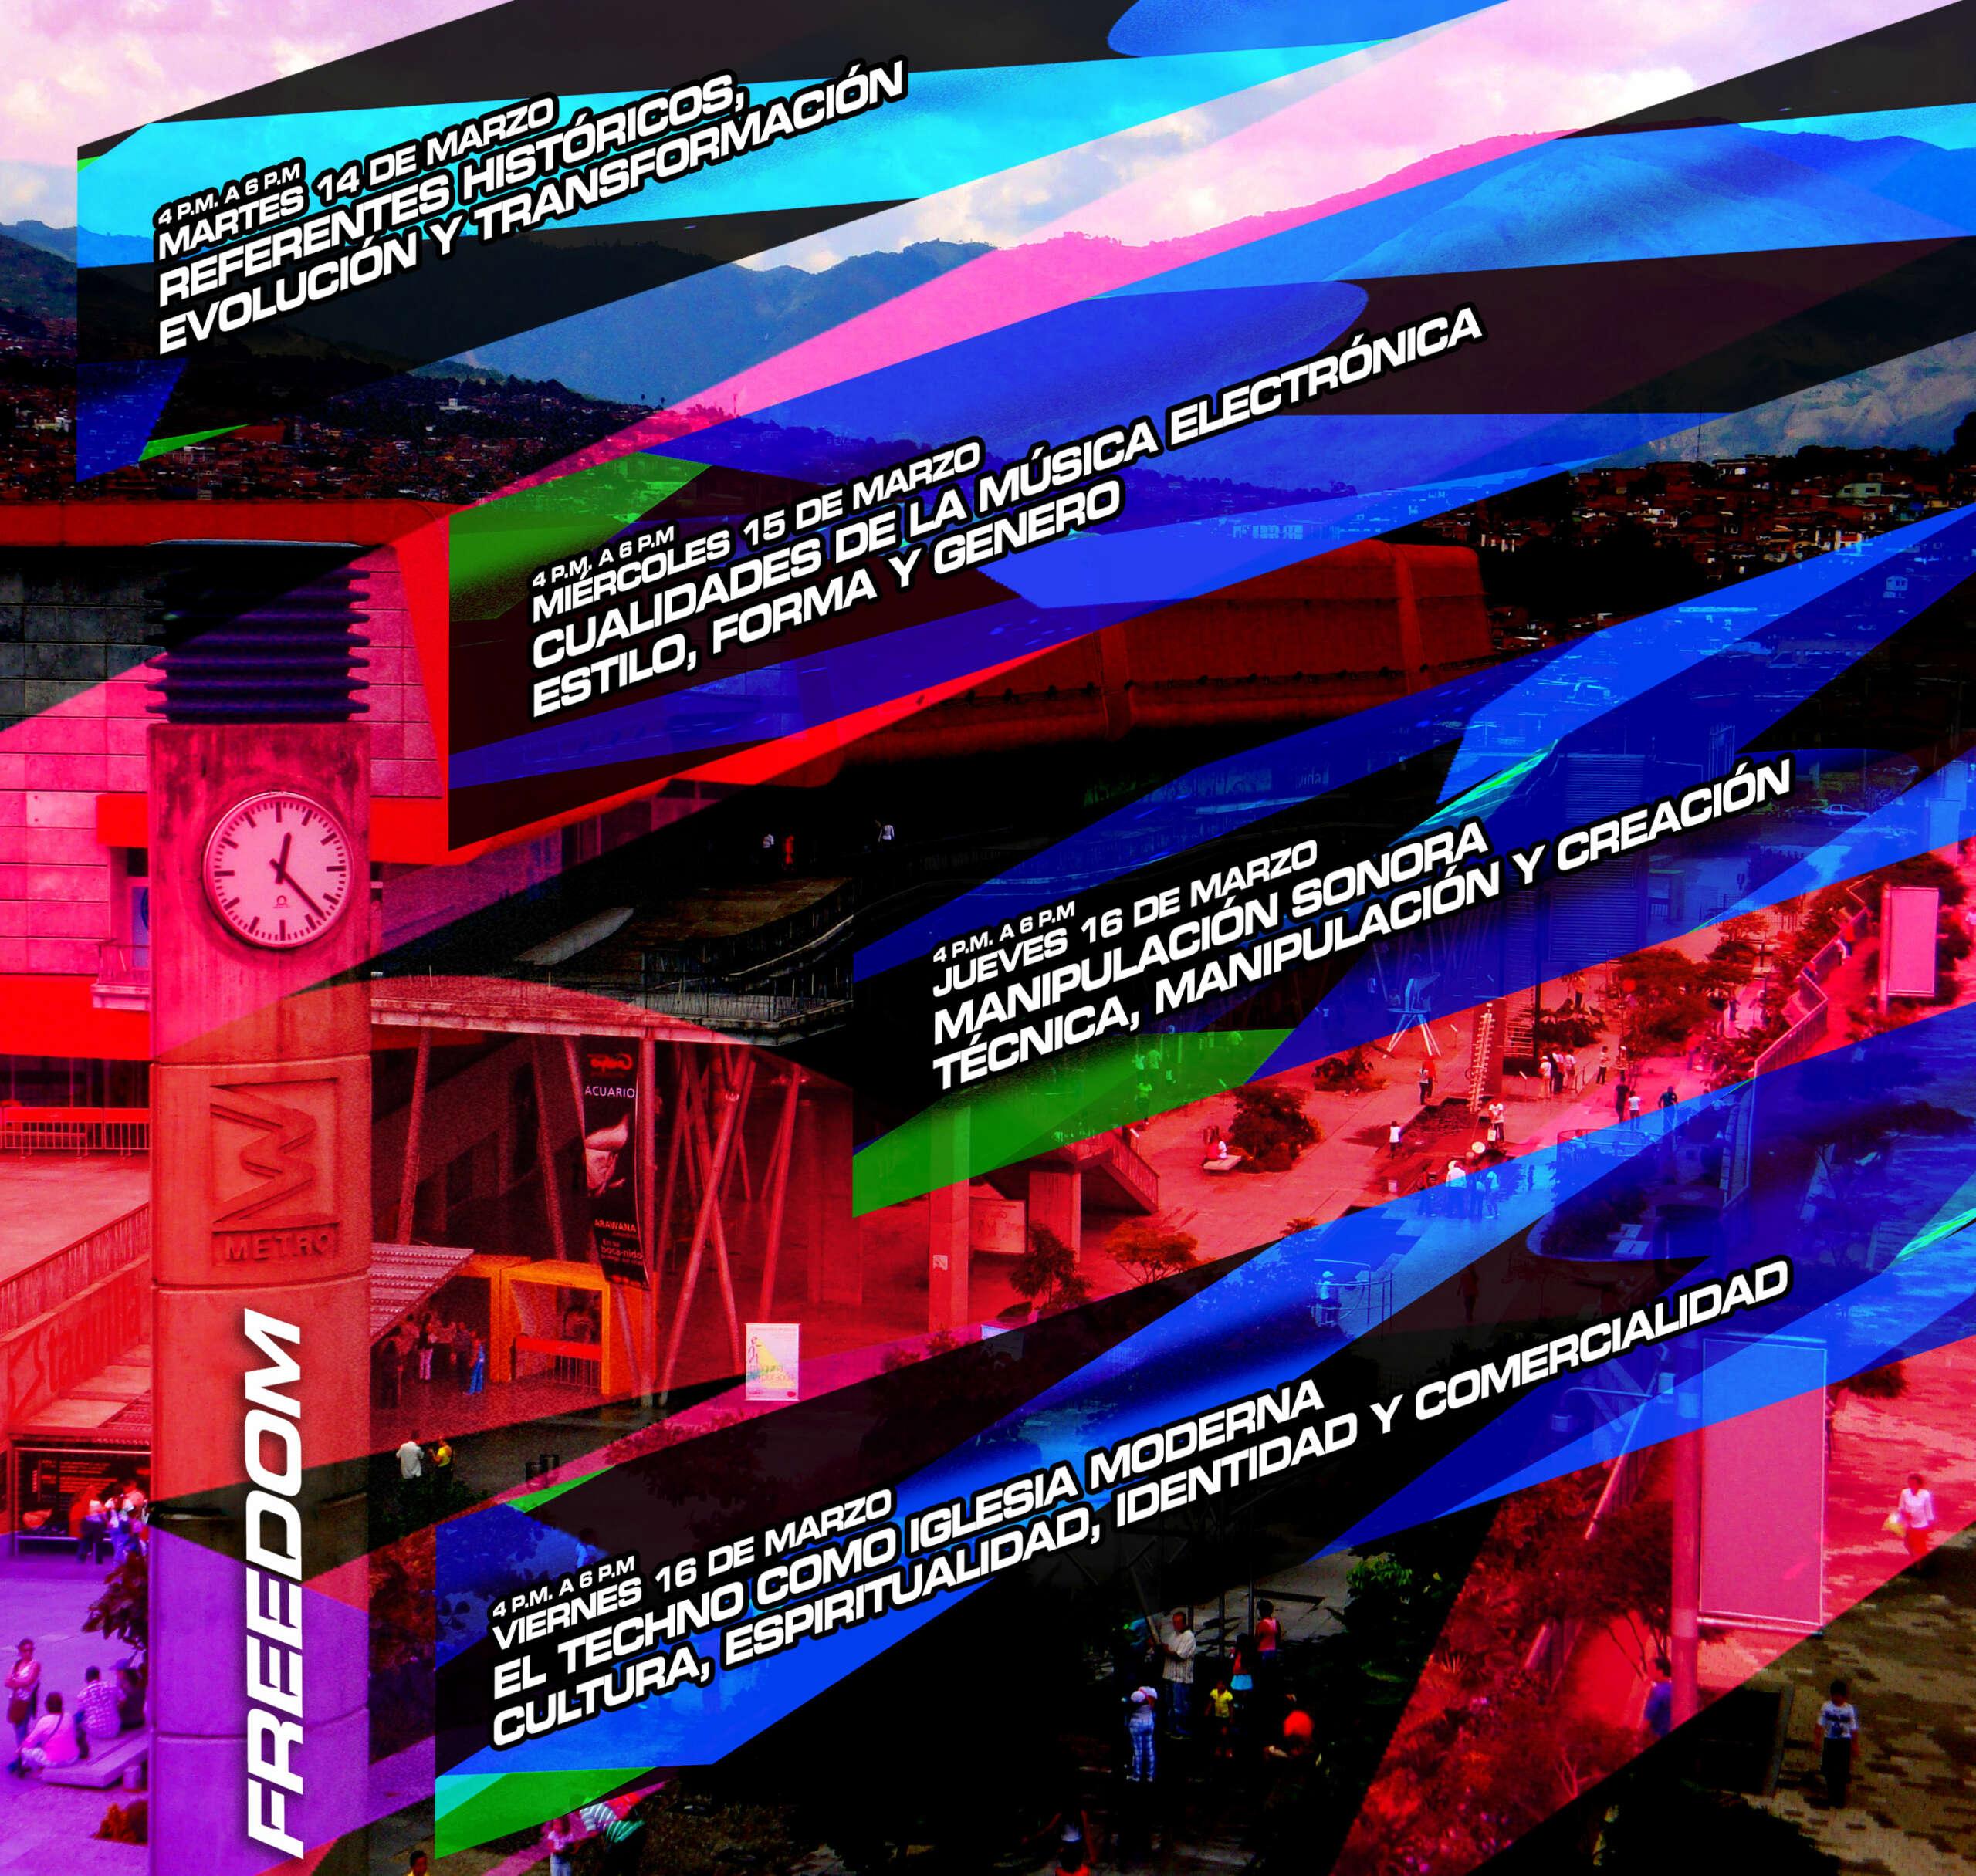 FREEDOM17: Ésta es la Programación académica del Festival del 14 al 17 de Marzo en el Parque Explora